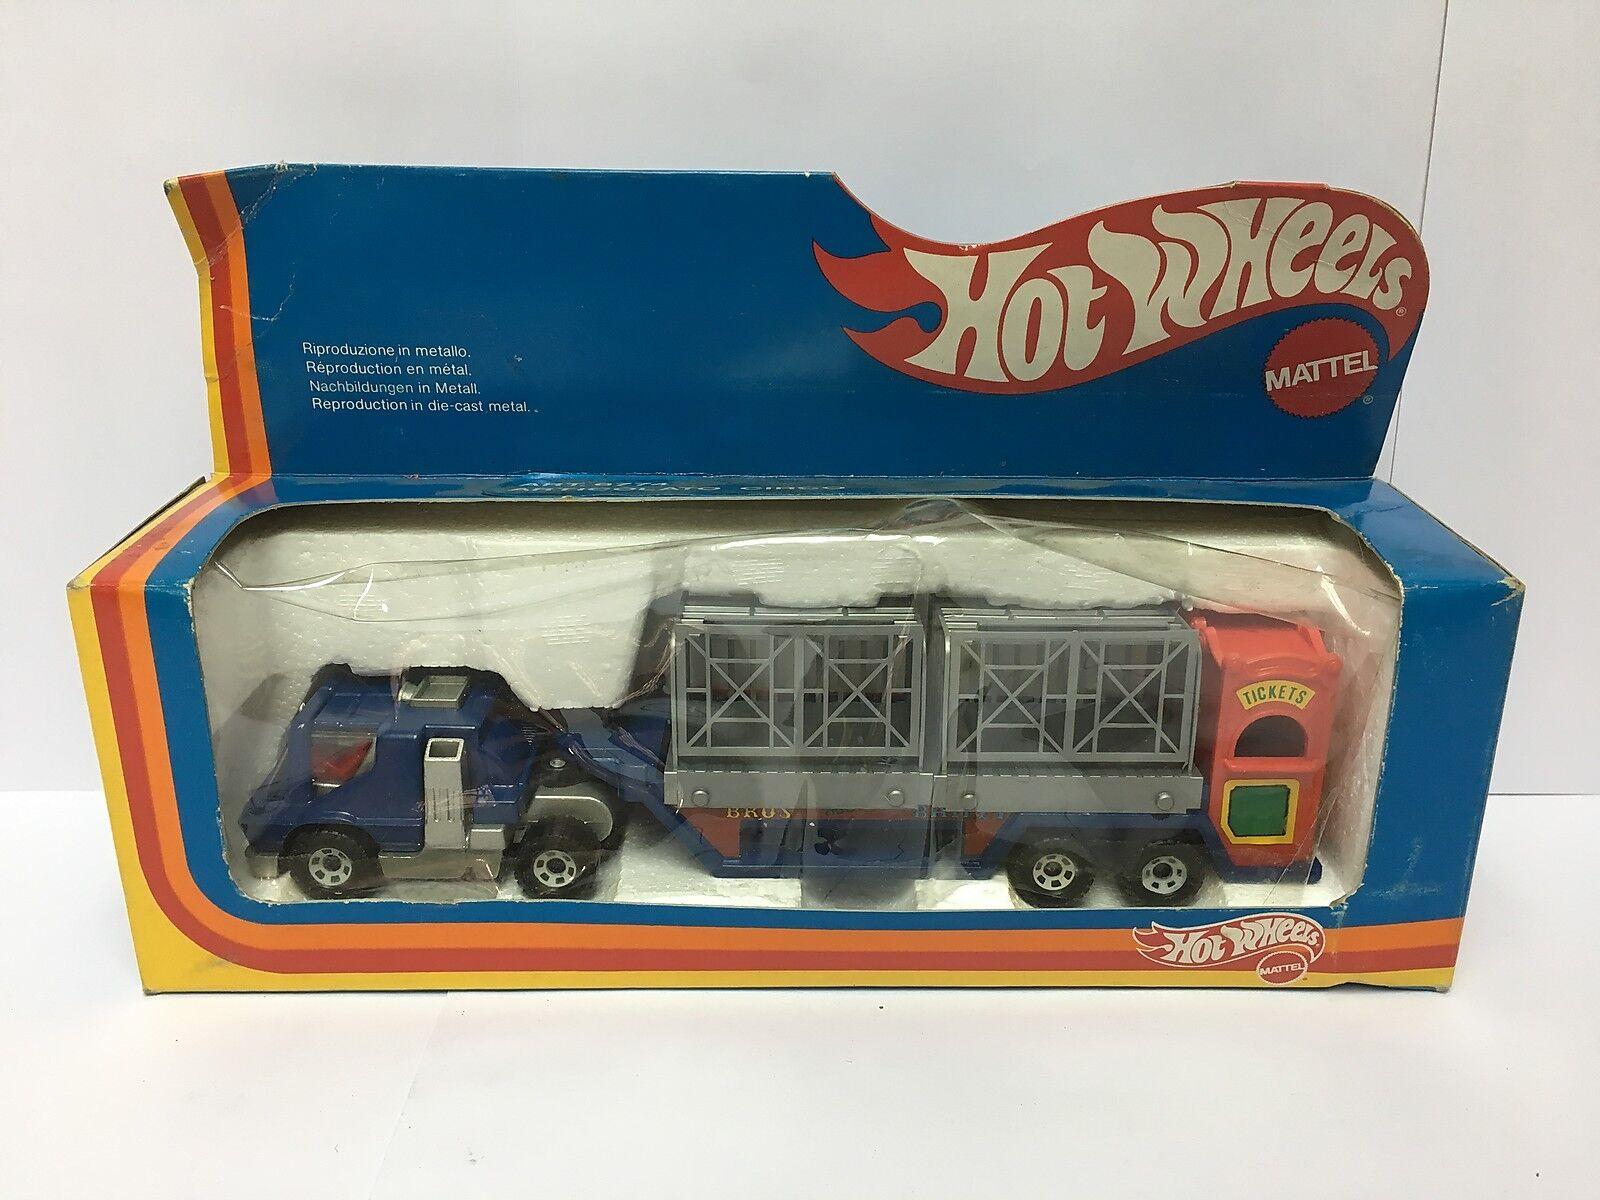 79383 Hot Wheels Mattel 1/43 1/43 1/43 - art. 6774 Articolato Circo ad5f75